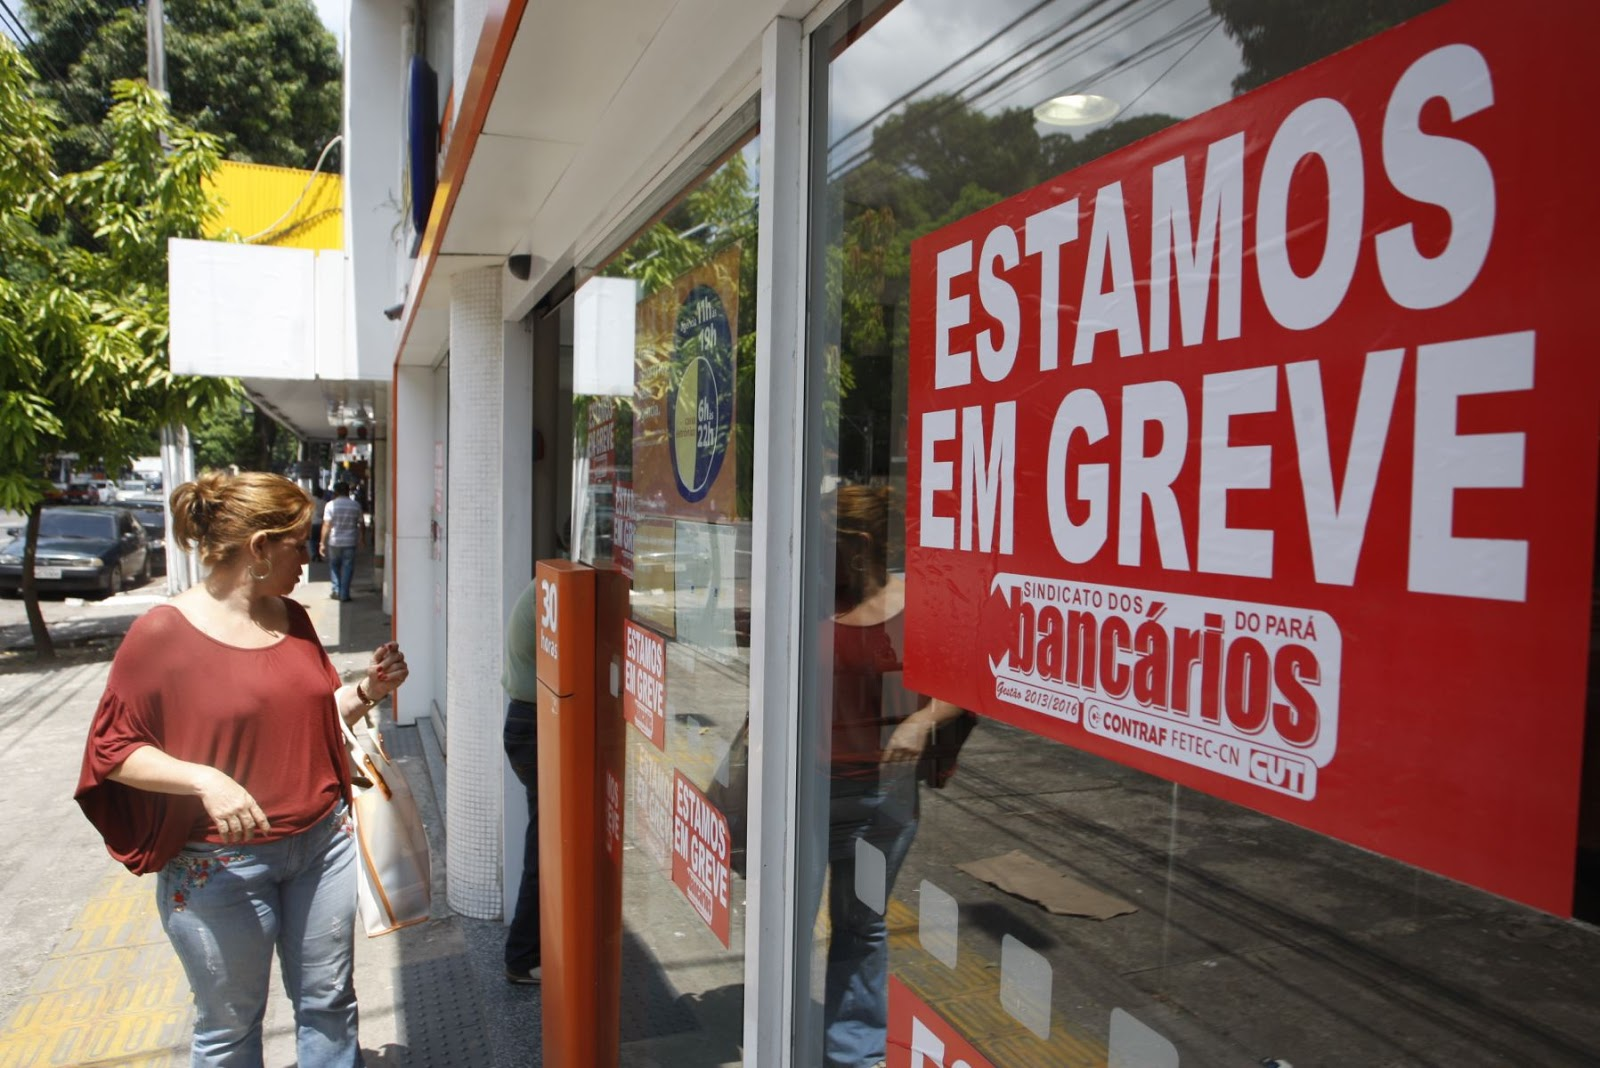 Bancários rejeitam reajuste de 7,5% sem abono e continuam em greve